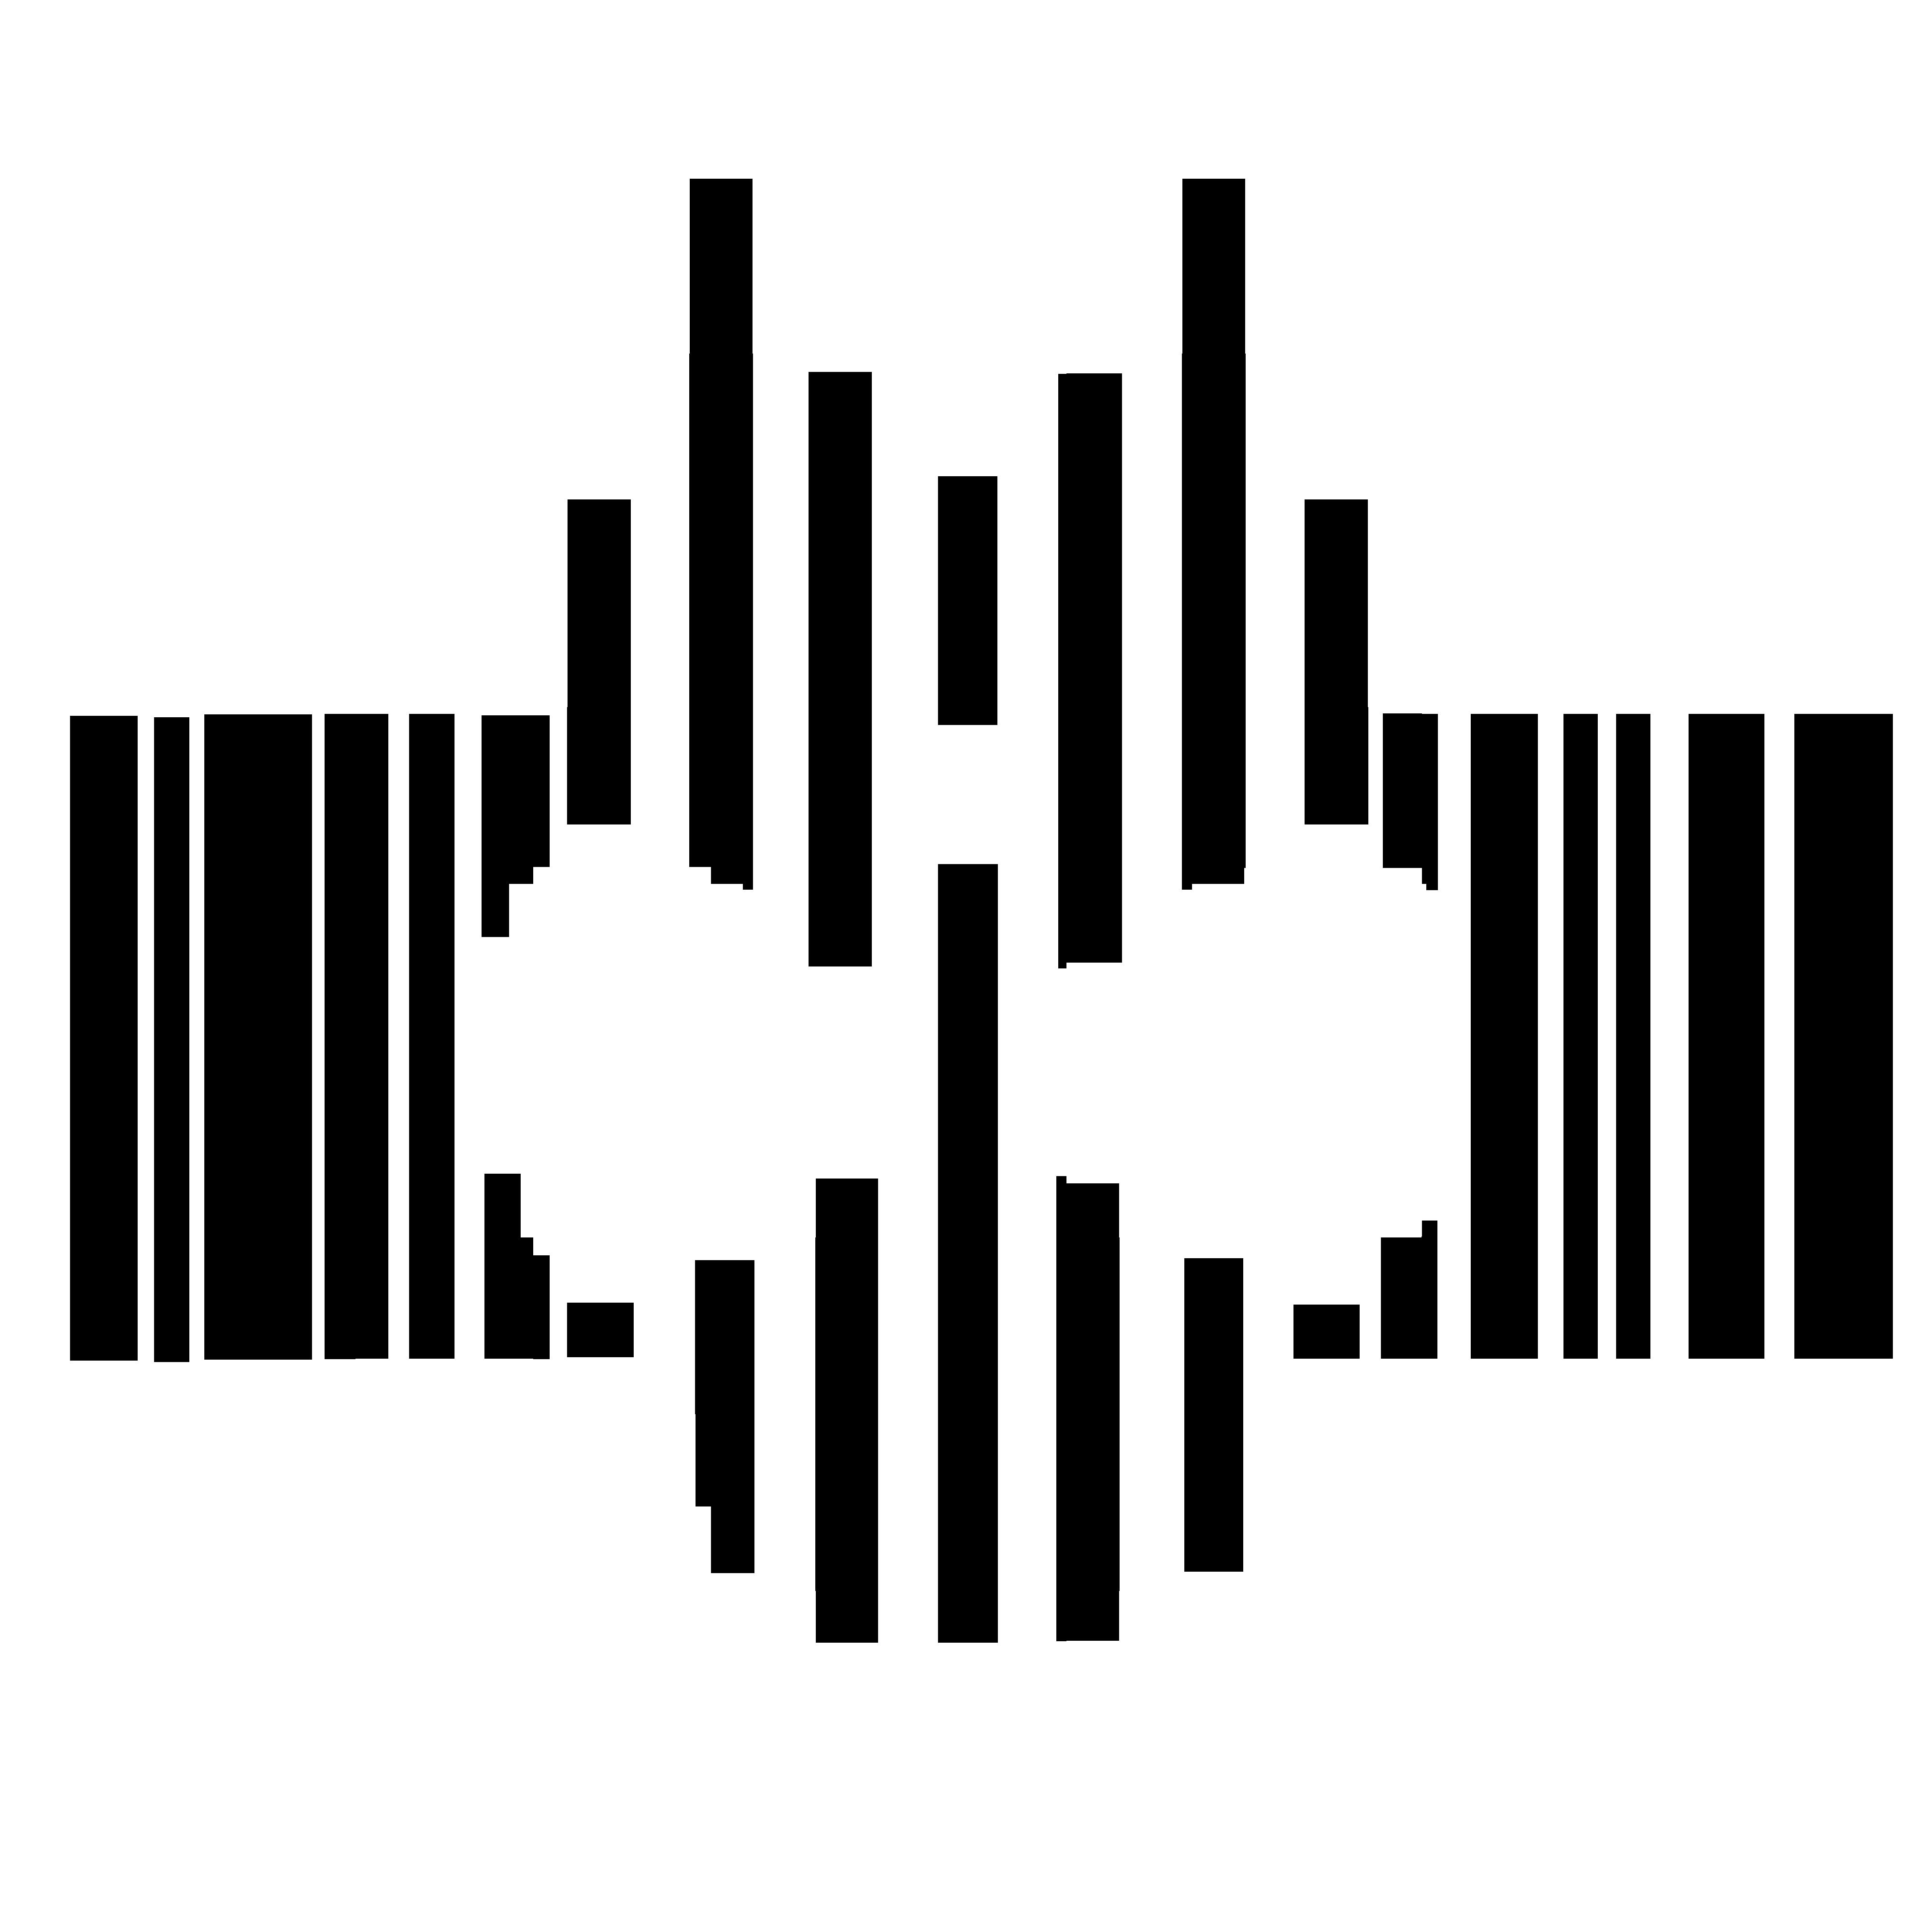 仮面ライダーディケイド | Kamen Rider Decade Symbol Download